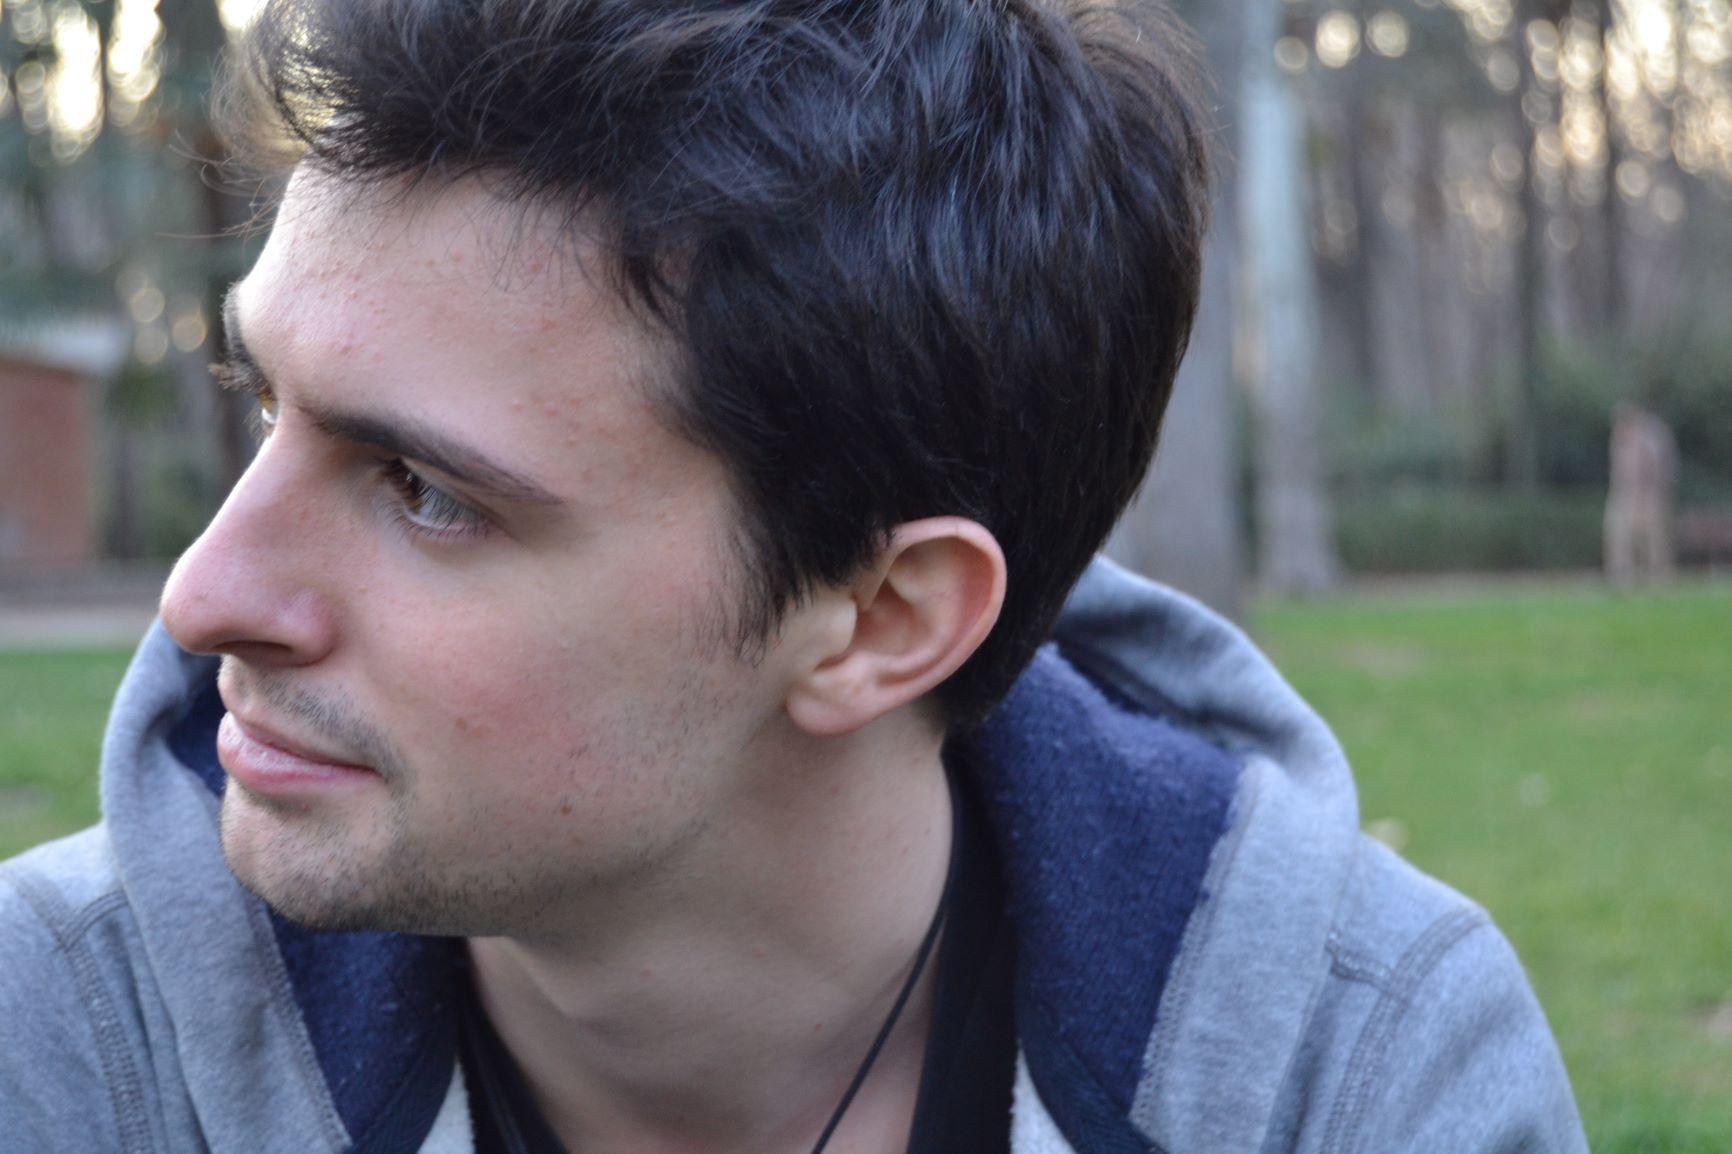 Marco Sacchet